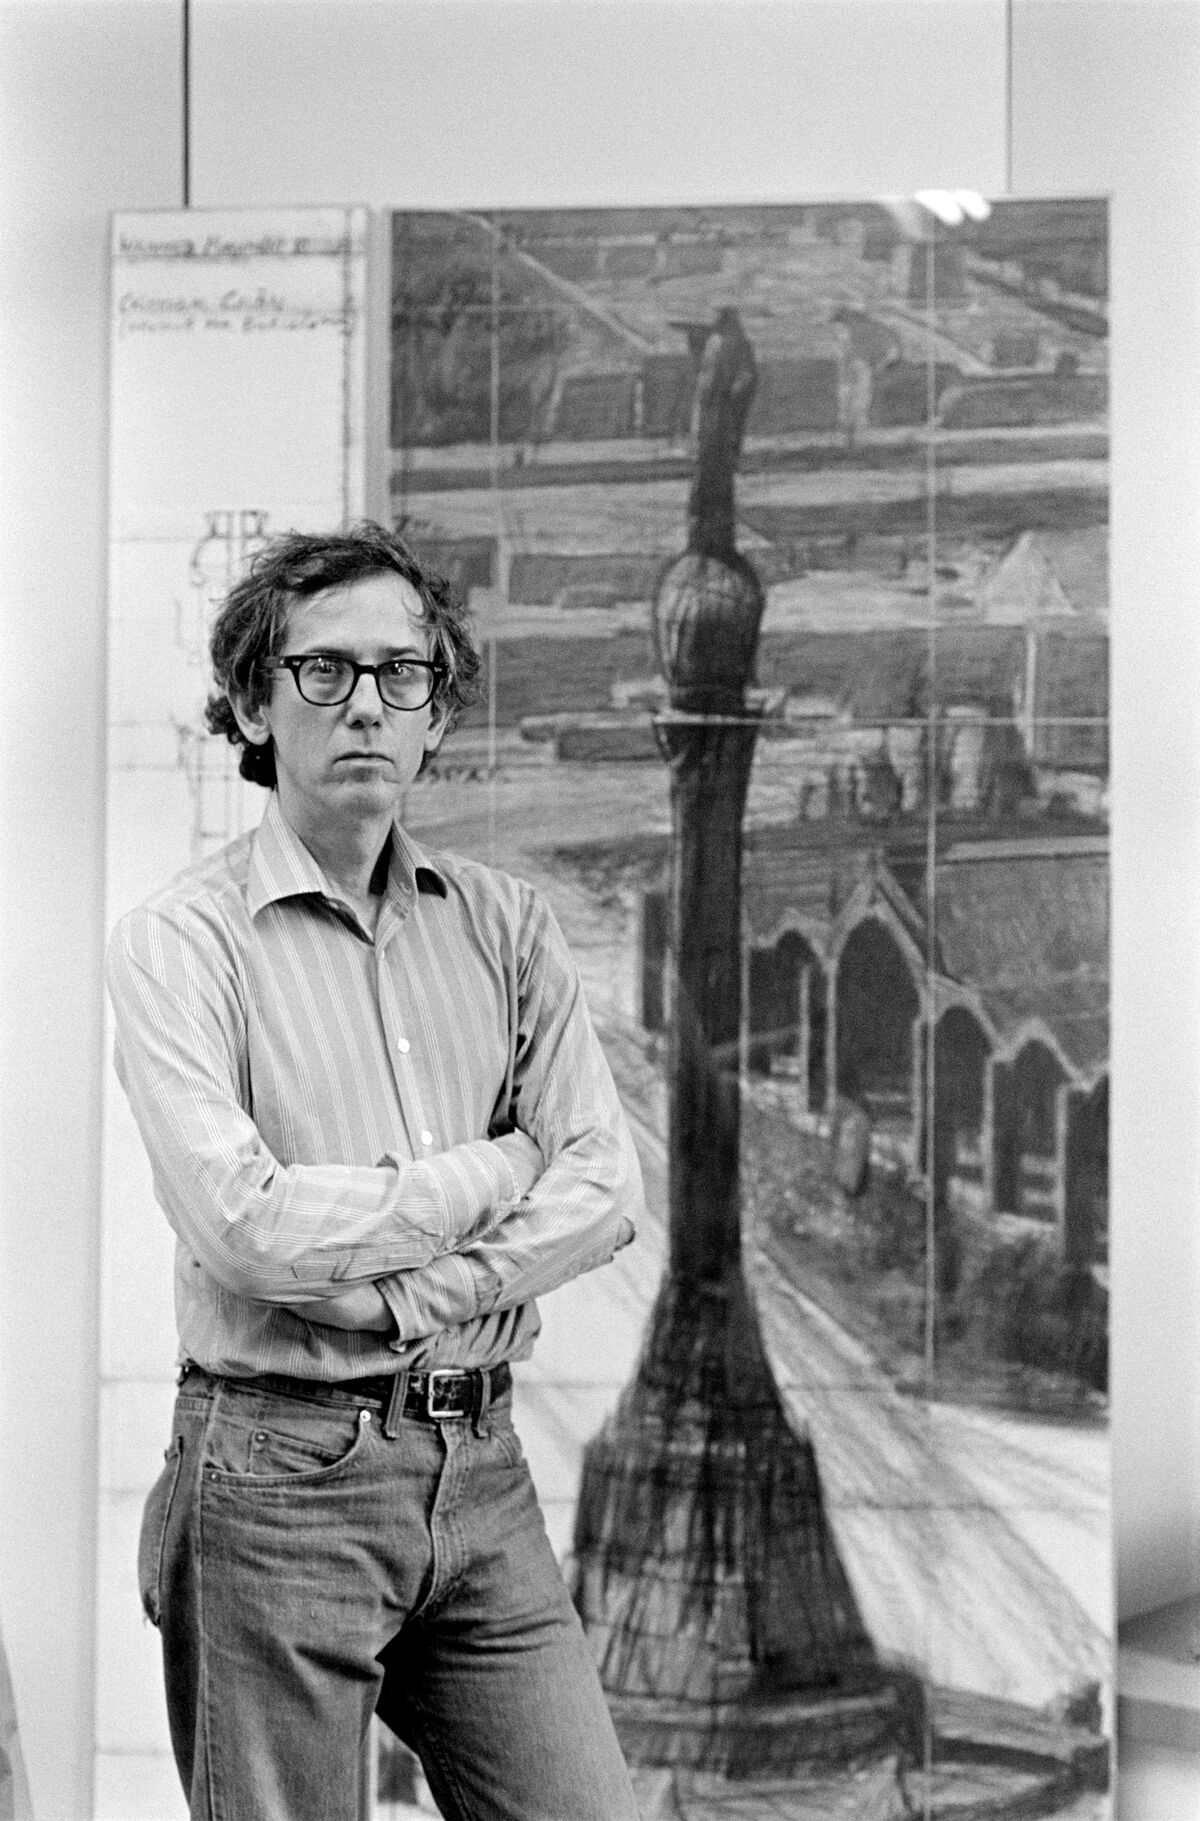 Christo al seu estudi de Nova York amb el projecte de Colom, el 1984 (Crèdits: Wolfgang Volz © The Estate of Christo V. Javacheff)